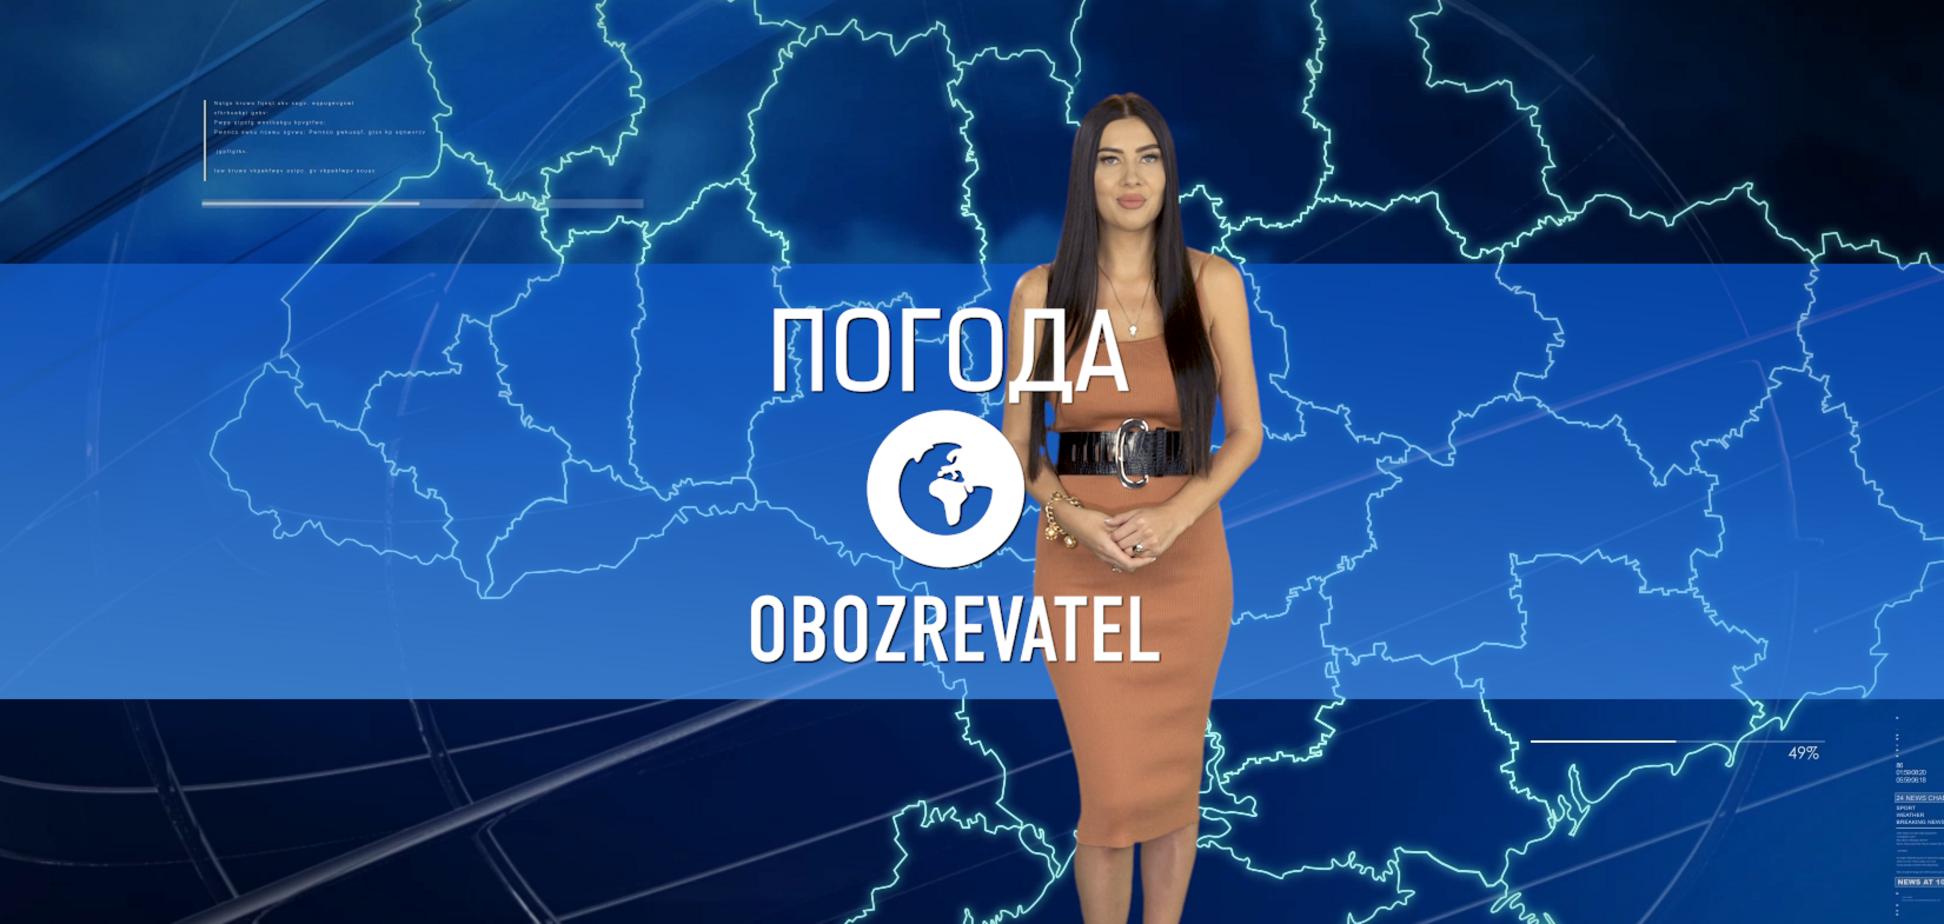 Прогноз погоды в Украине на пятницу, 1 октября, с Алисой Мярковской